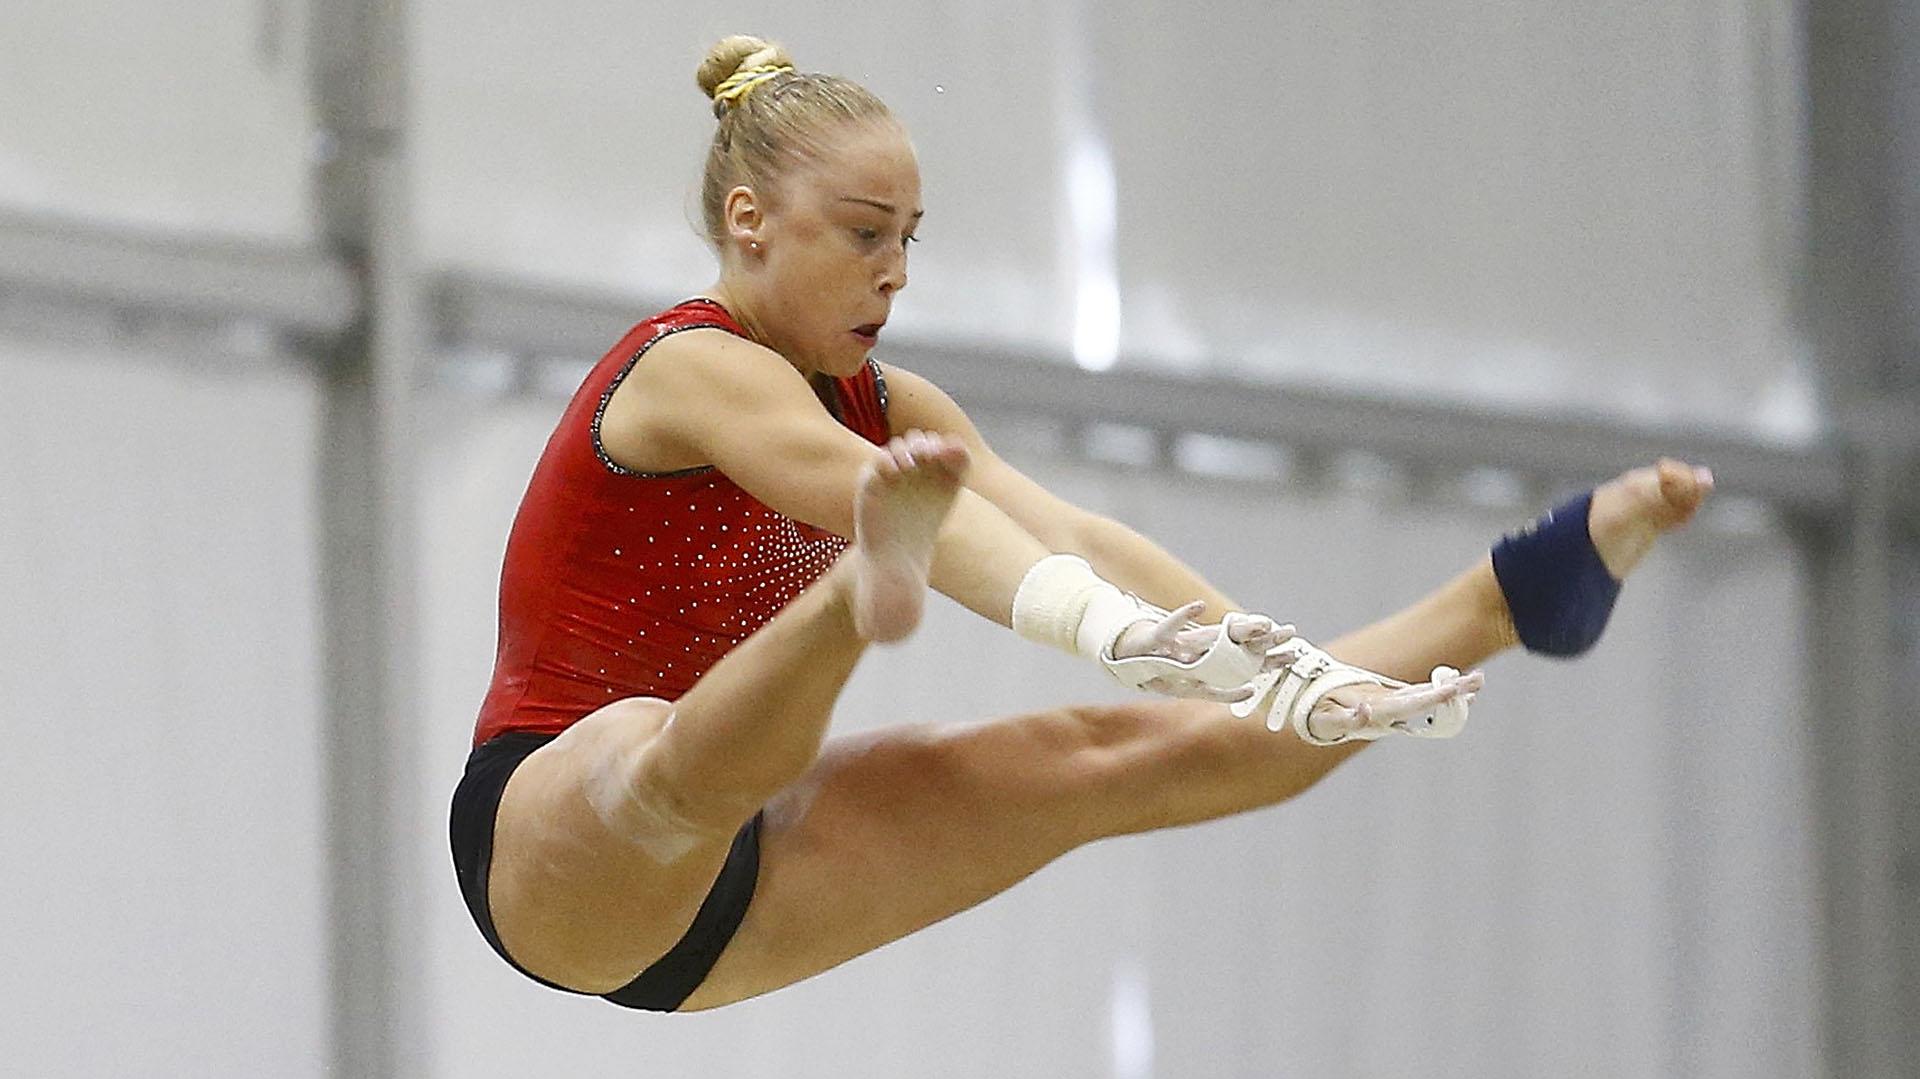 Una de las representantes alemanas practica en las barras paralelas (Reuters)